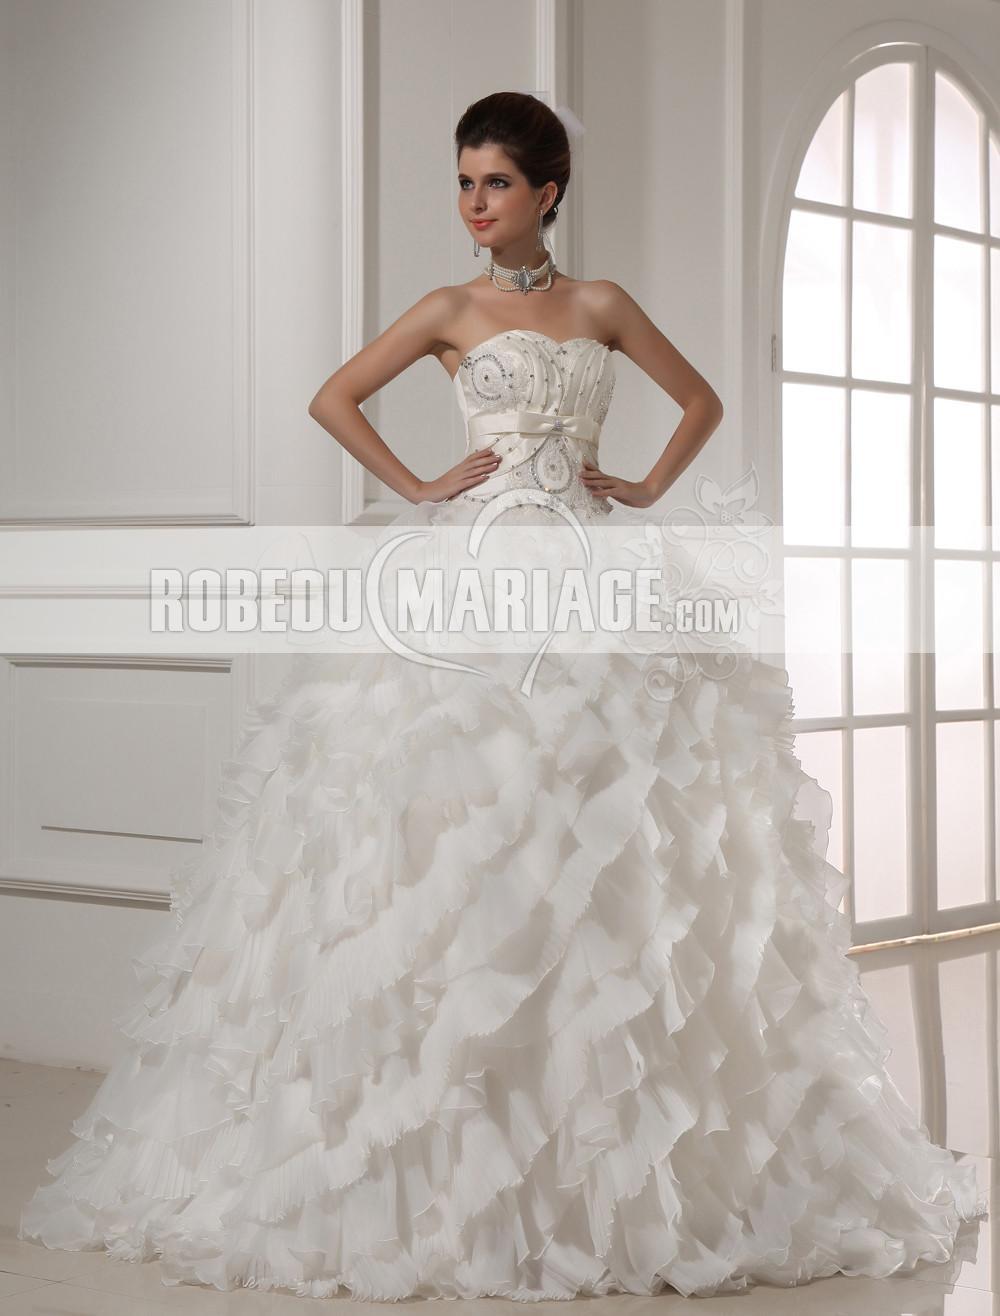 ... de luxe > Fantaisie robe de mariée pas cher bustier volanté organza